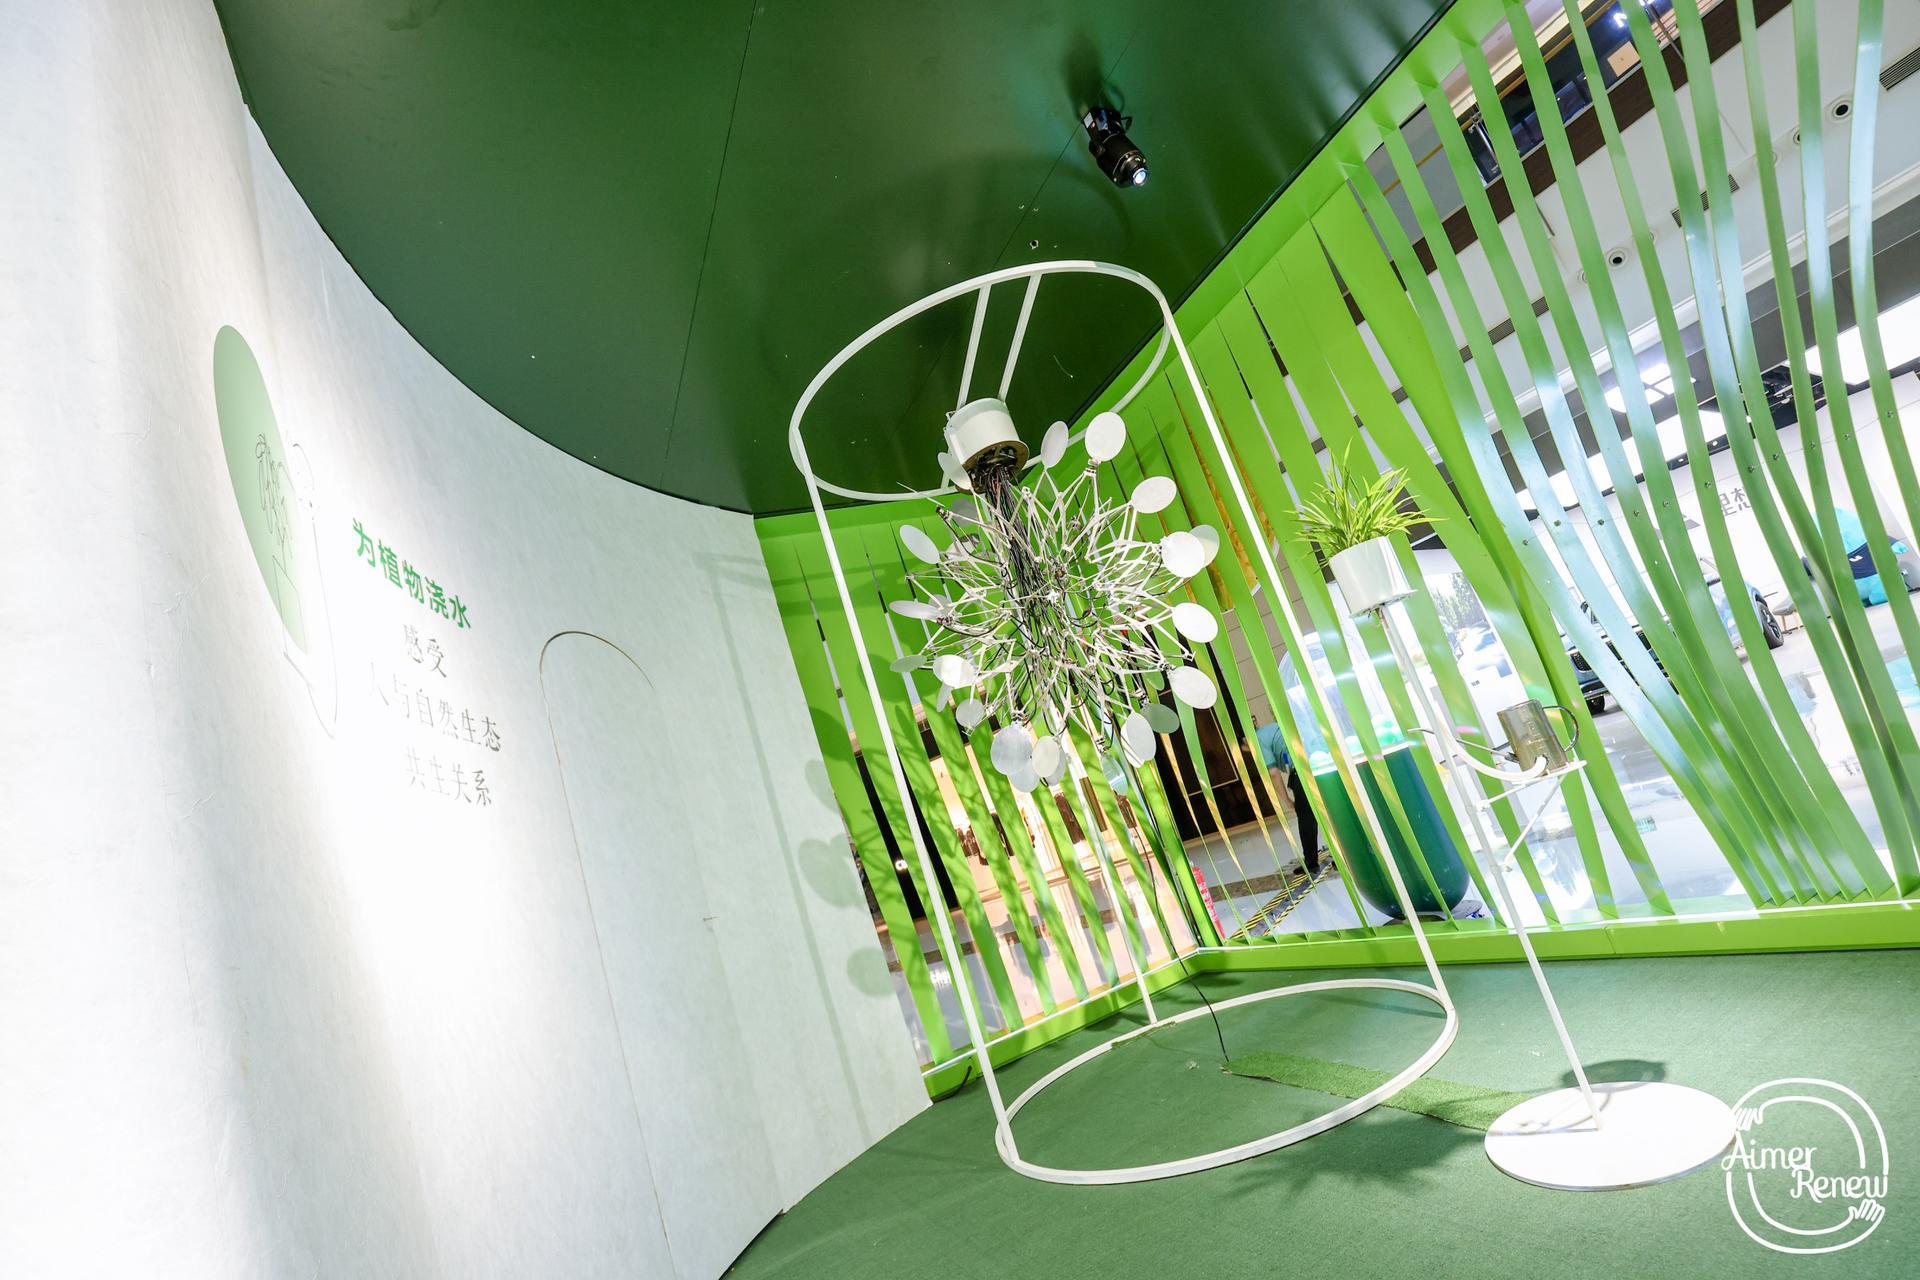 爱慕环保0碳计划快闪店活动策划以多维的新奇互动体验传递绿色生活